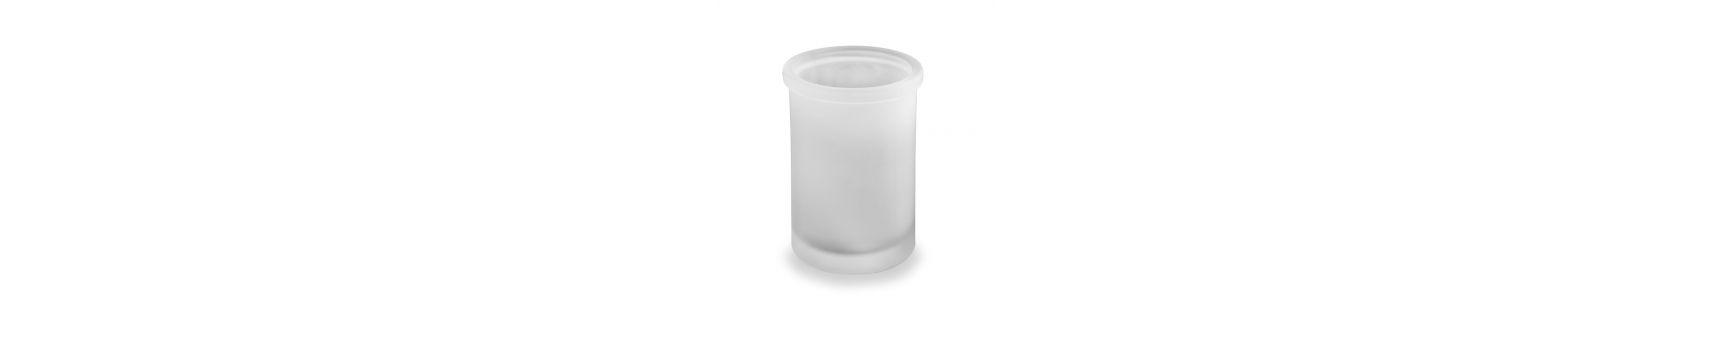 Bicchiere | Boleco